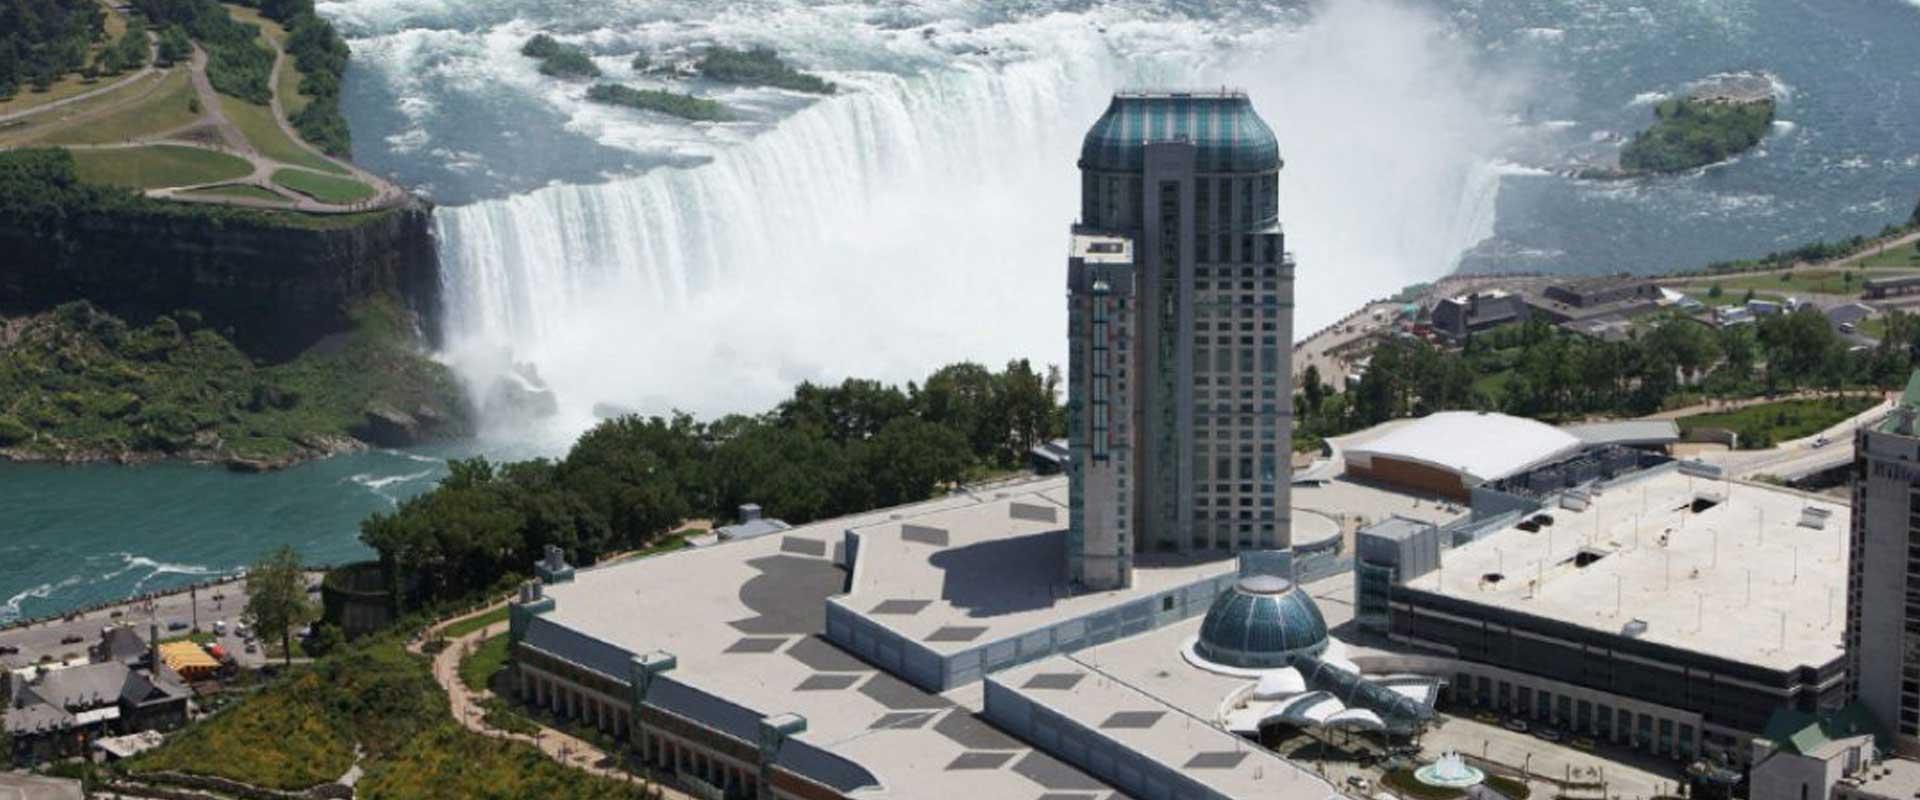 niagara falls casino open